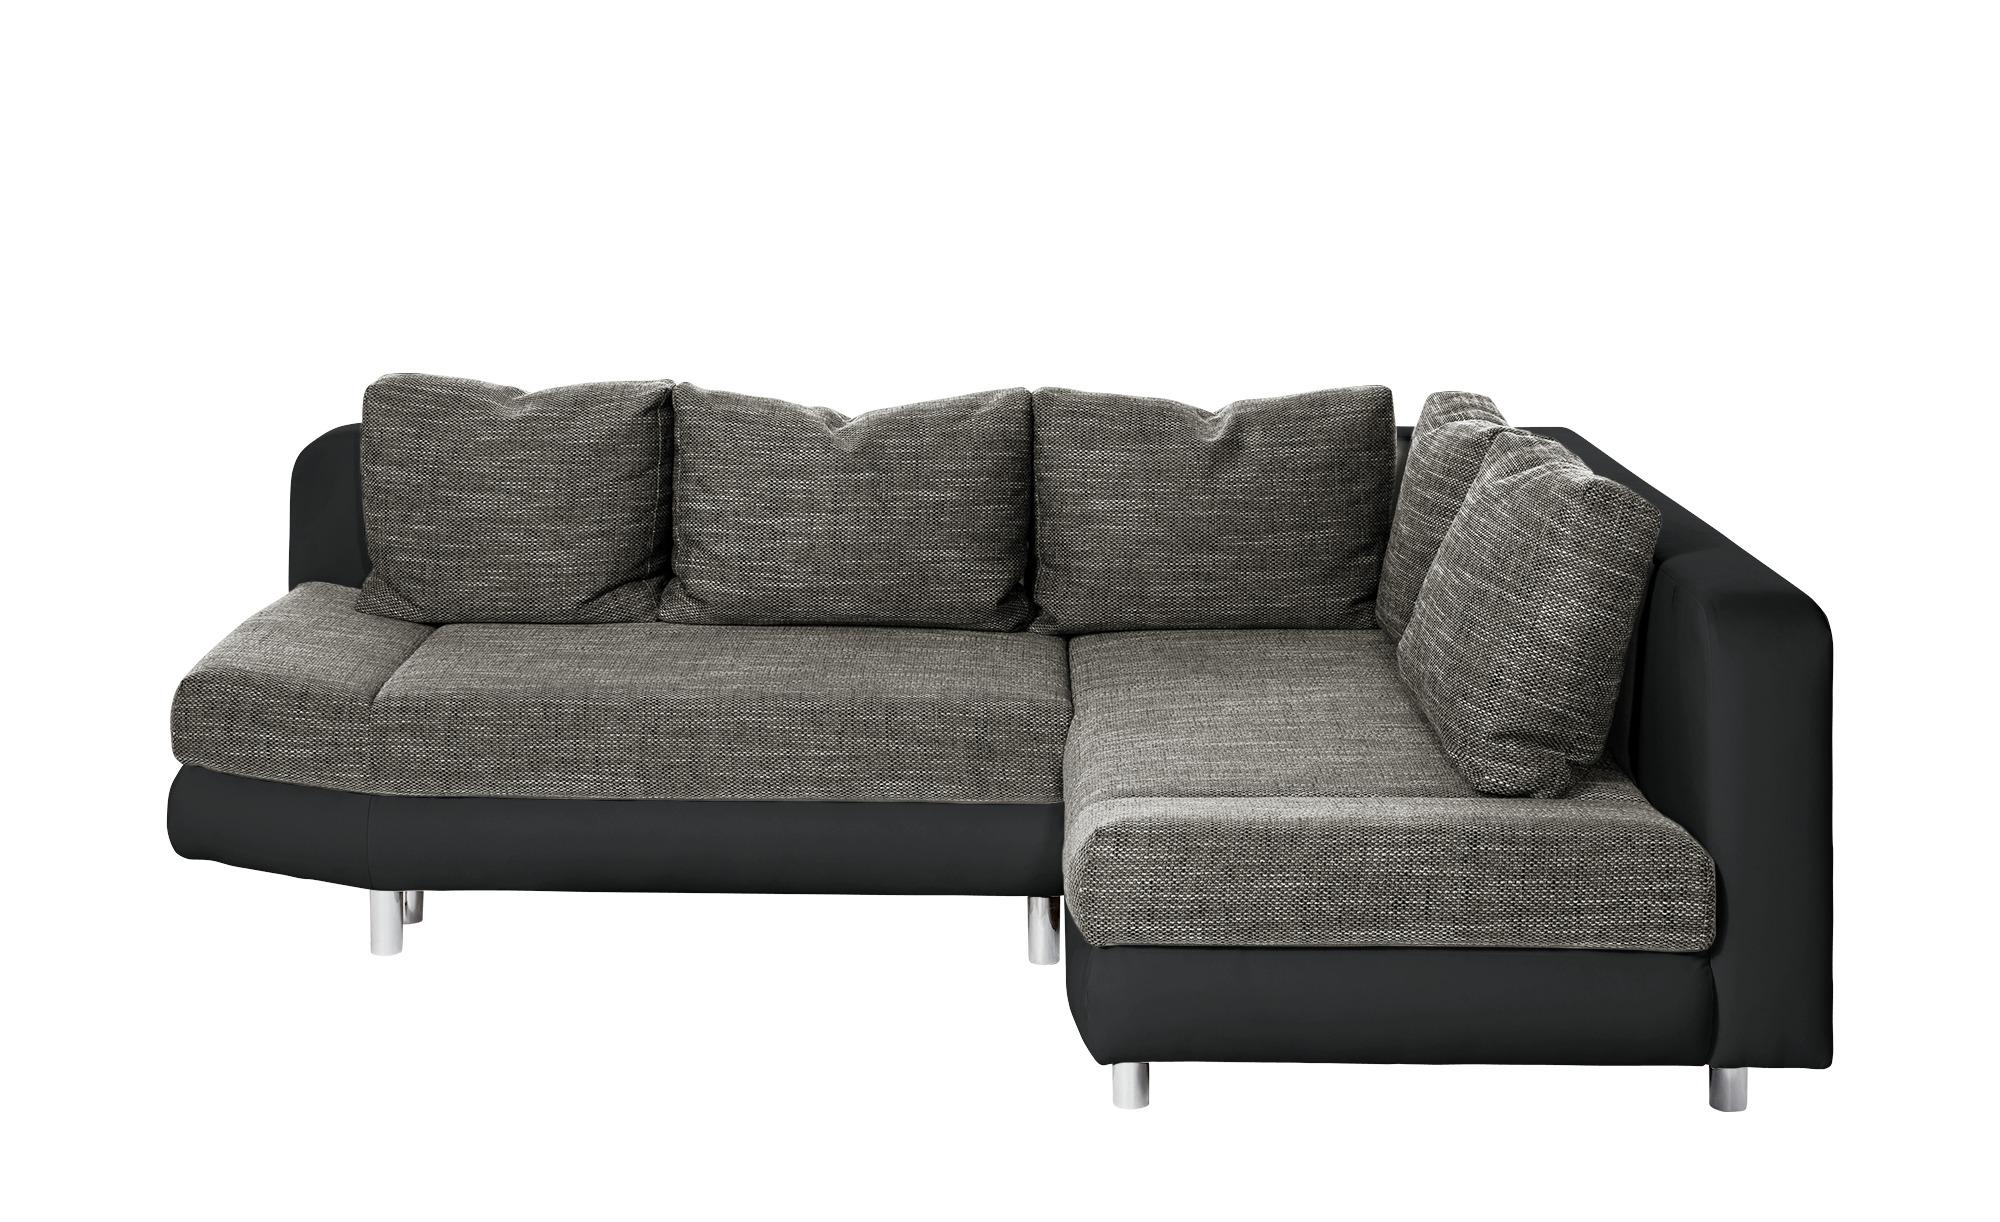 Smart Ecksofa Mila Gefunden Bei Mobel Hoffner Moderne Couch Ecksofa Couch Mobel